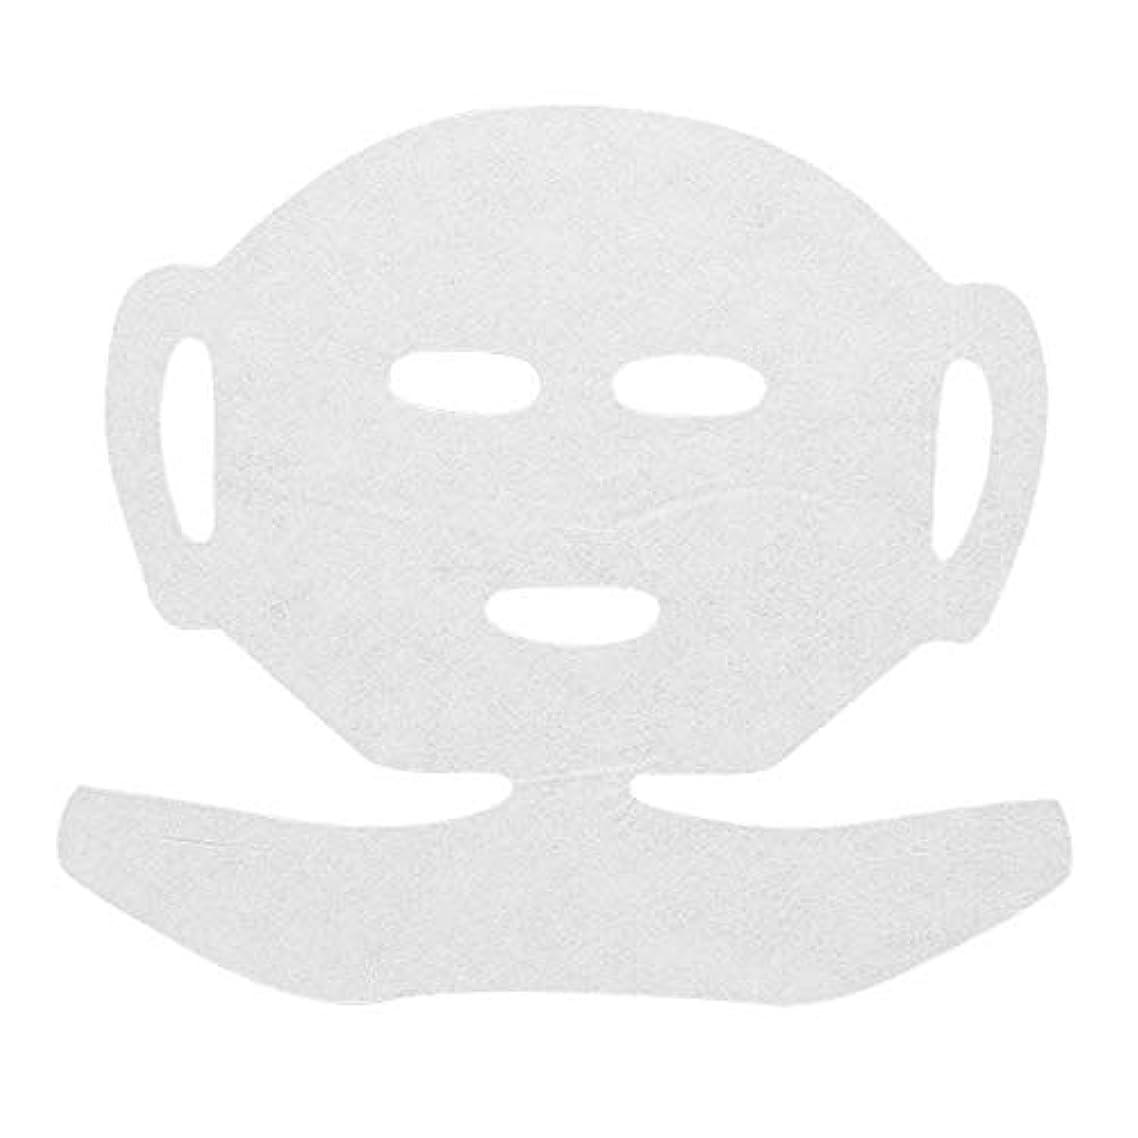 高保水 フェイシャルシート (マスクタイプネック付き 化粧水無し) 80枚 29×20cm [ フェイスマスク フェイスシート フェイスパック フェイシャルマスク シートマスク フェイシャルシート フェイシャルパック ローションマスク ローションパック ]